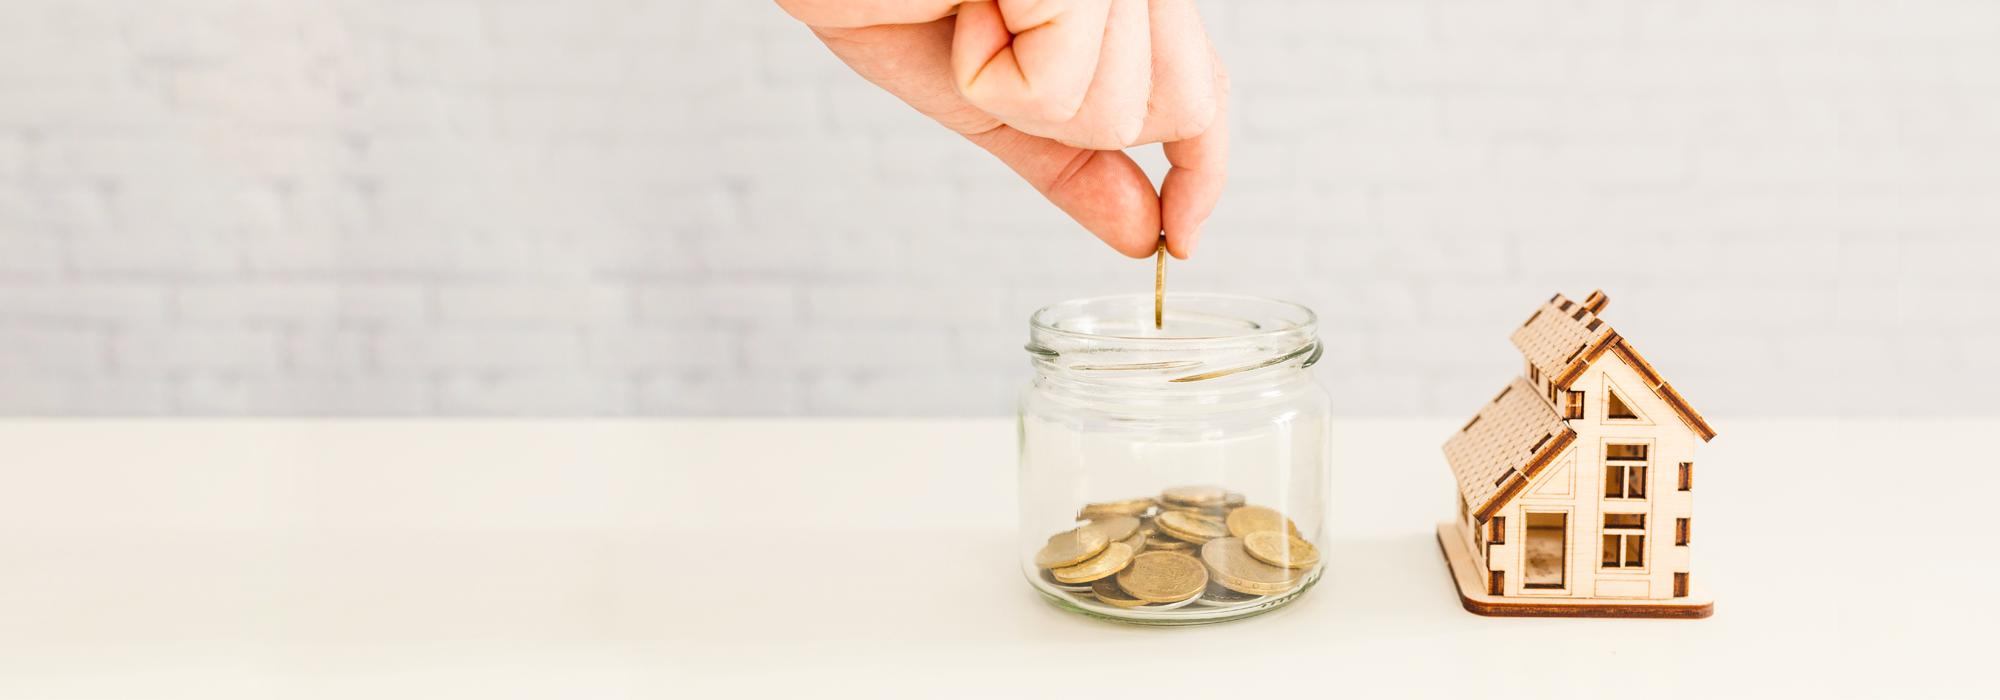 Comprare casa: 4 motivi per cui conviene farlo.